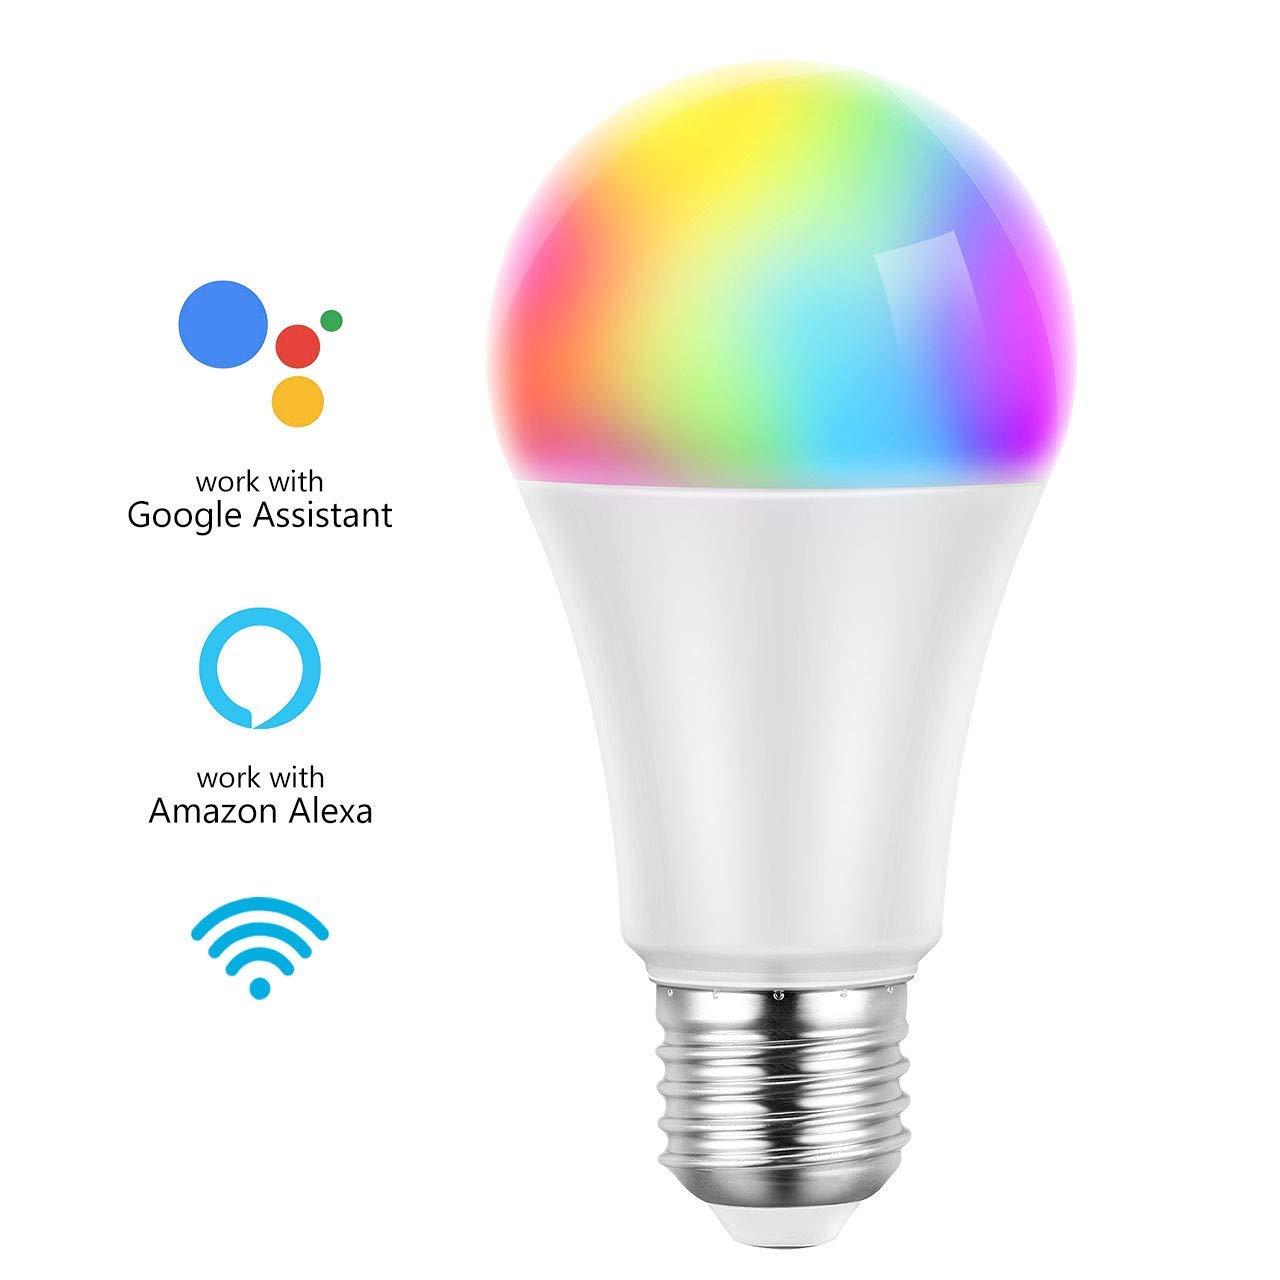 Fonction de Minuterie Google Home et IFTTT 【RGB Couleurs】 Mpow Ampoule LED E27 WiFi,Ampoule LED Intelligent 16 Million Couleurs RGB 7W Ampoule Smart Contr/ôle par Voix Compatible avec Alexa Echo